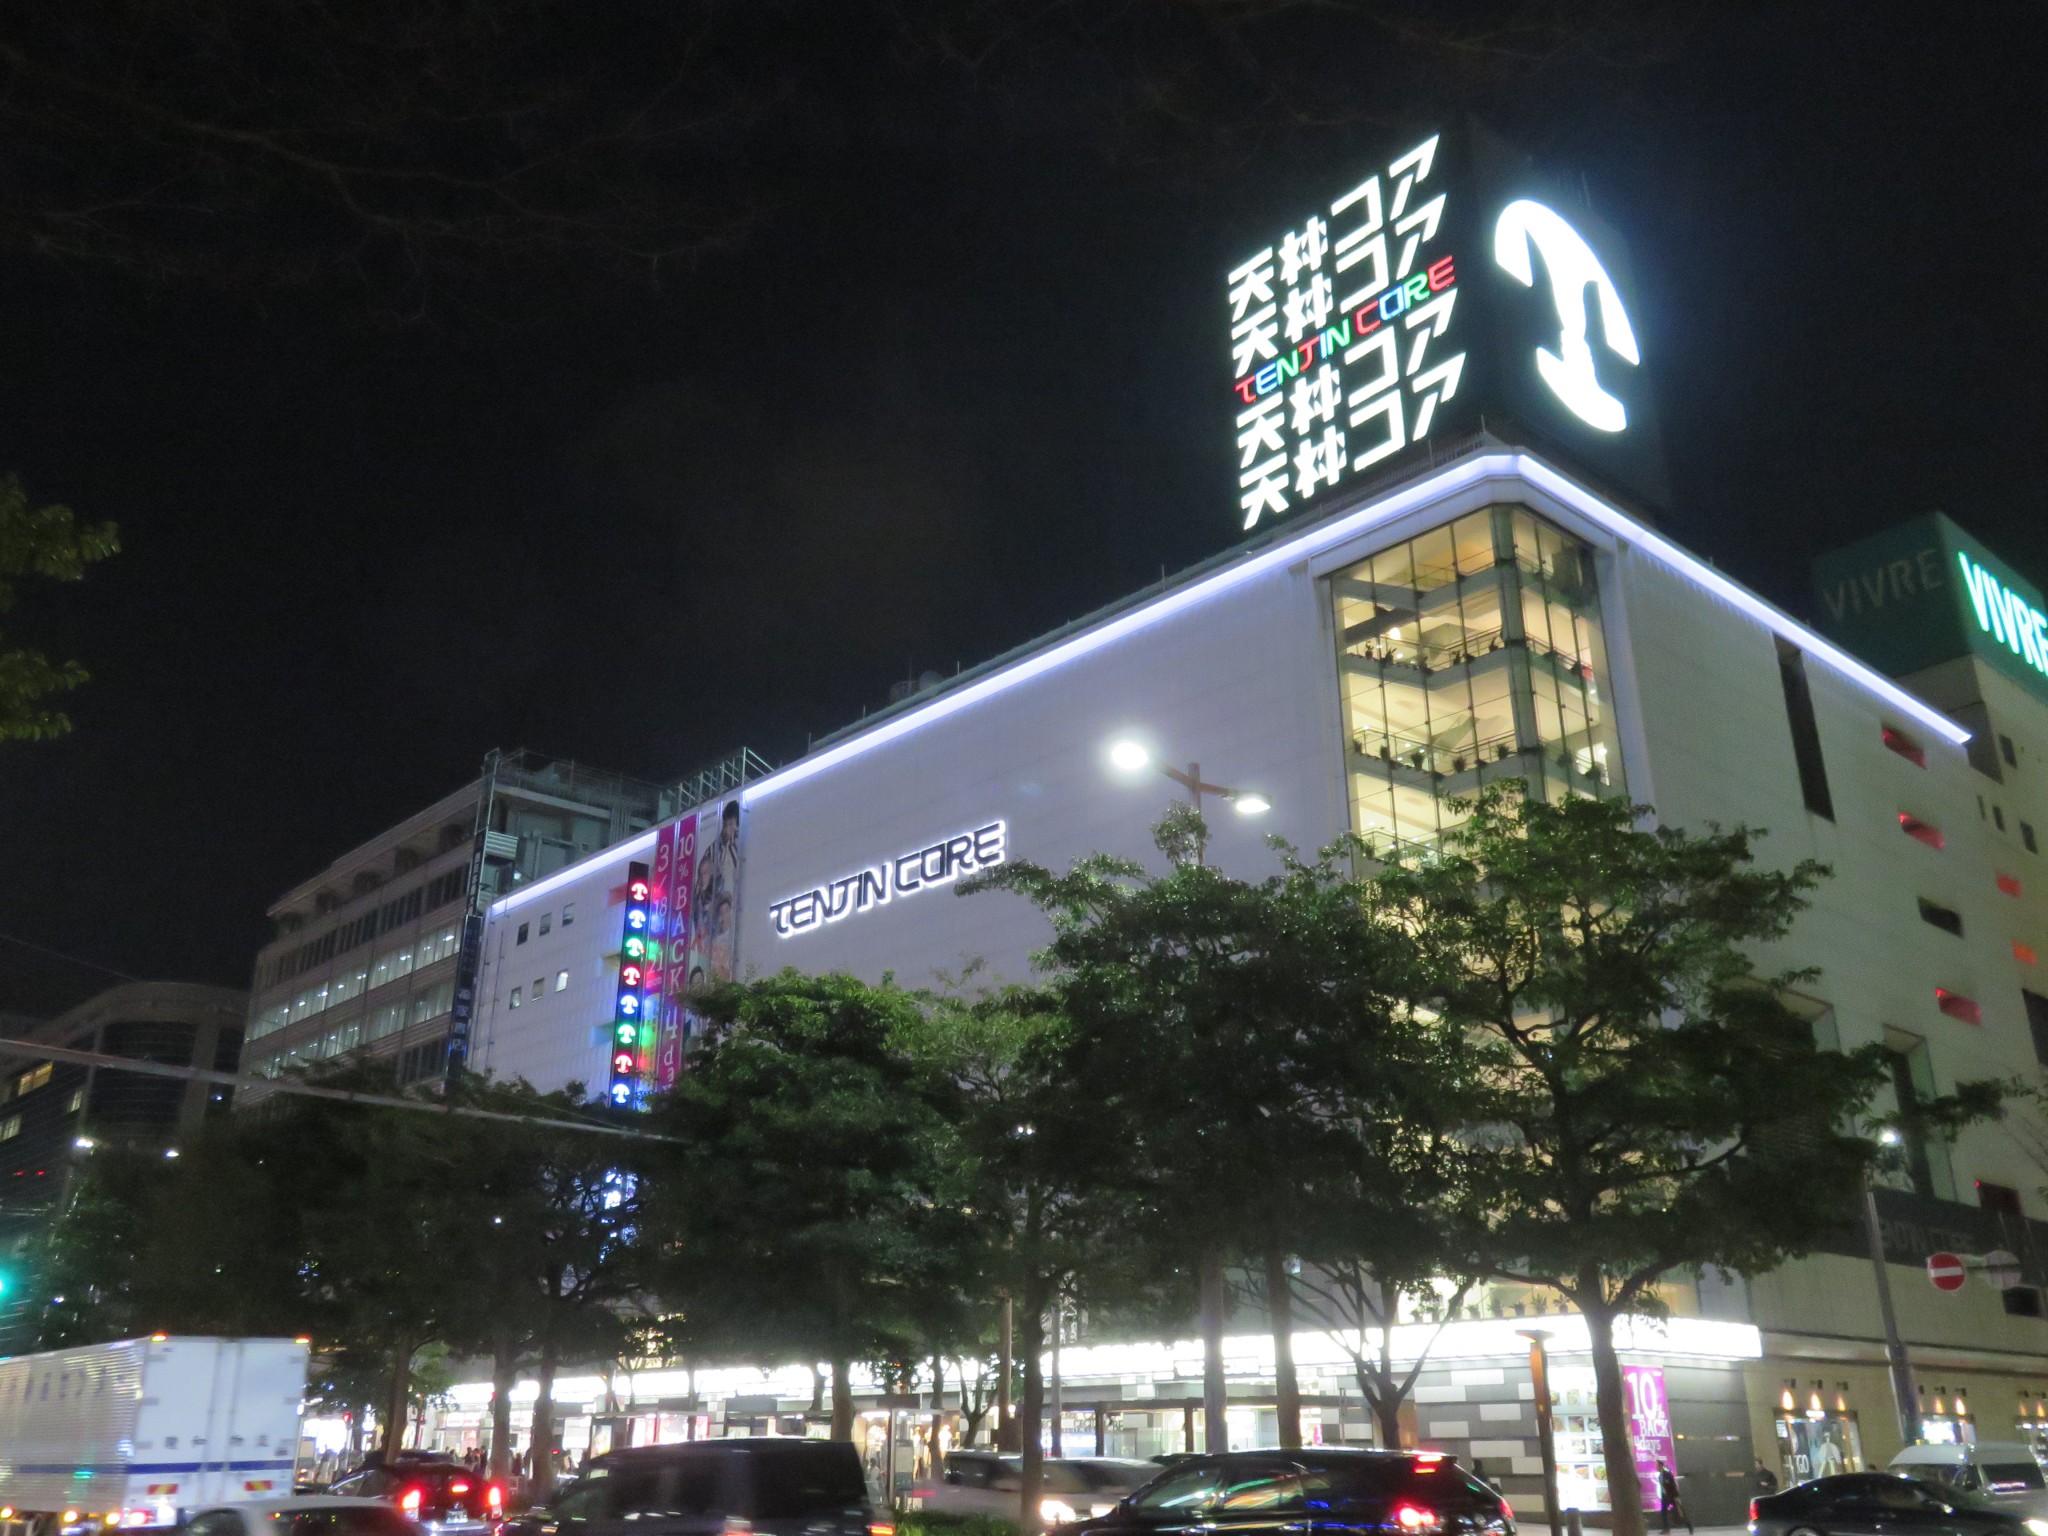 See the shops and bright lights of Tenjin, Fukuoka